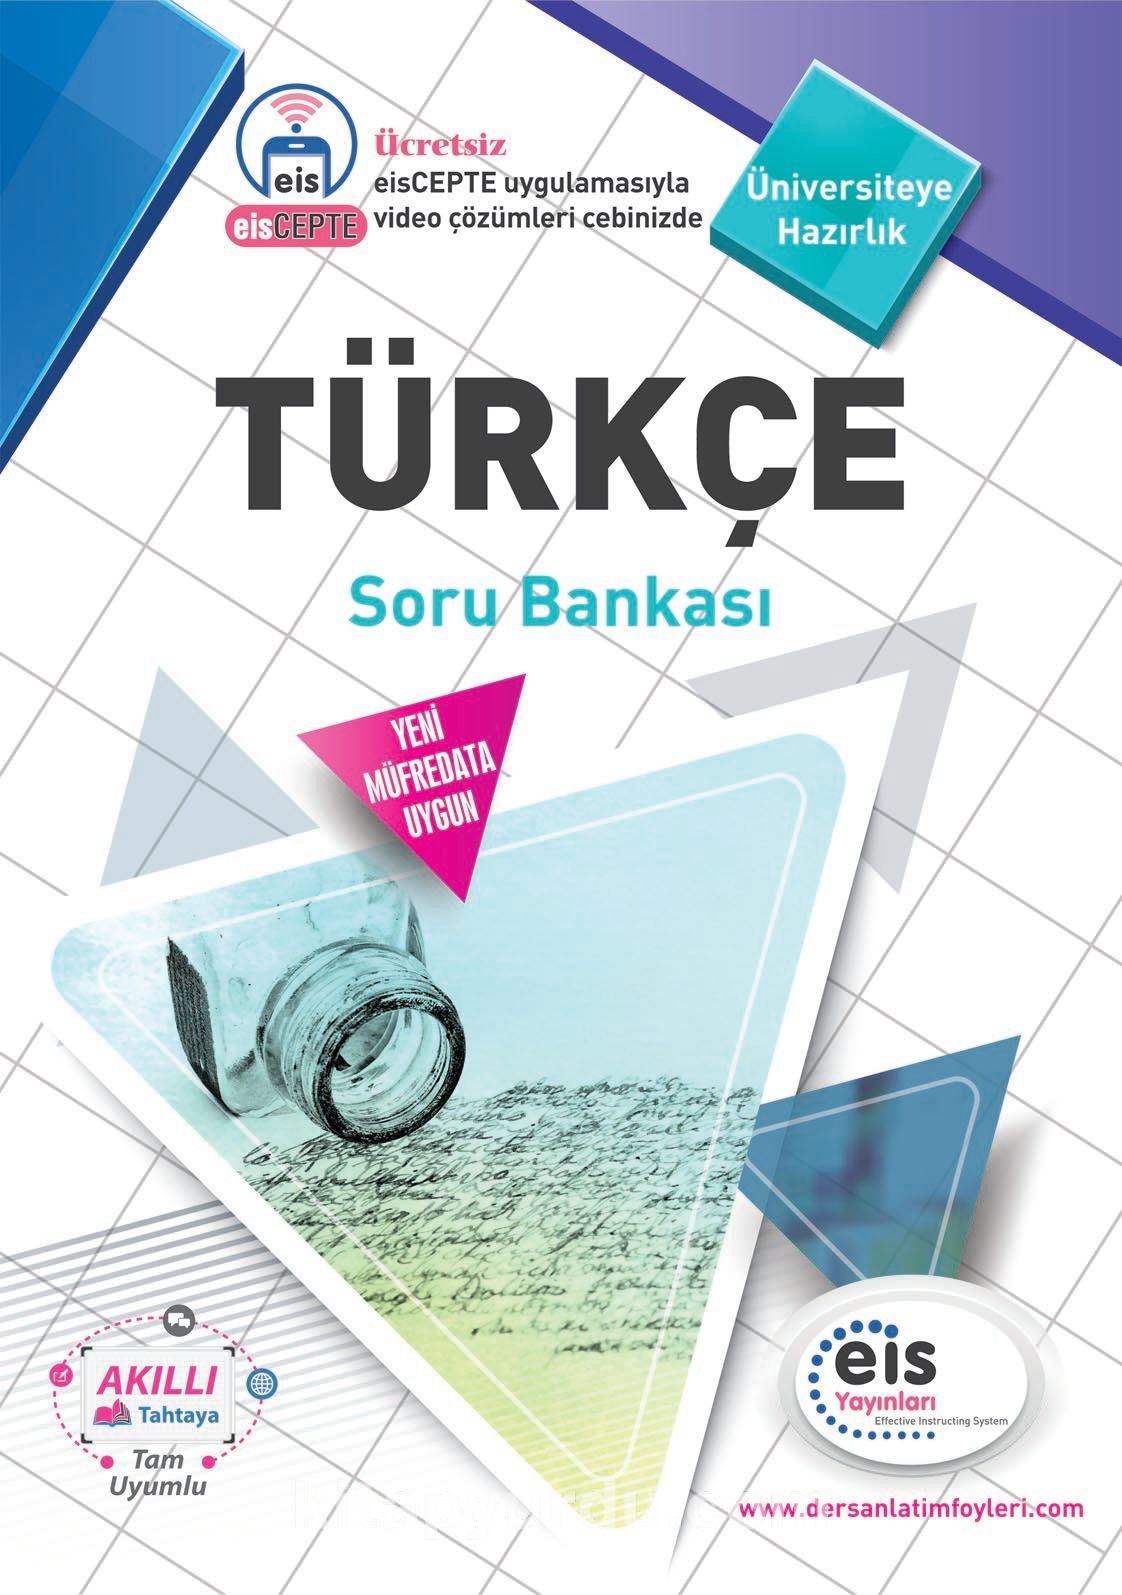 Üniversiteye Hazırlık Türkçe Soru Bankası